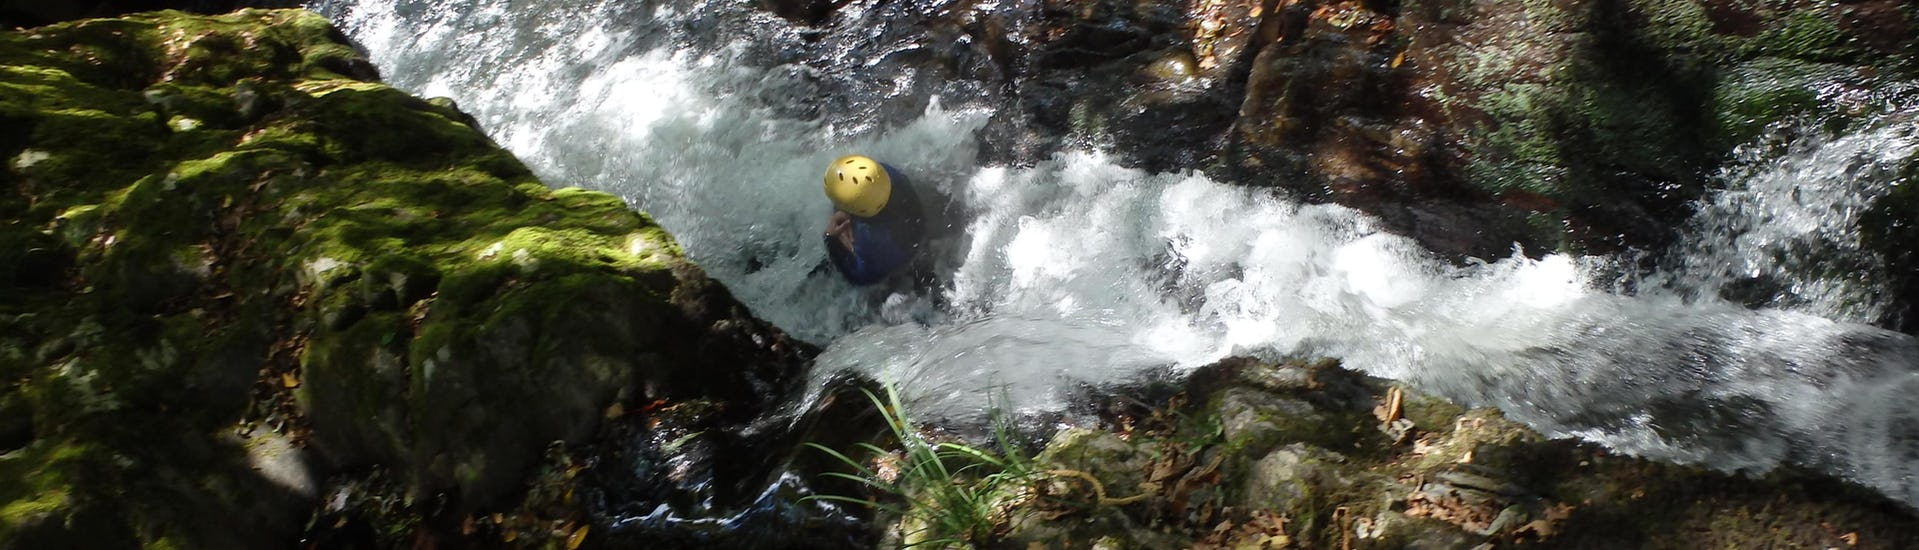 """Canyoning """"Easy & Fun"""" - Río Santa Baia"""